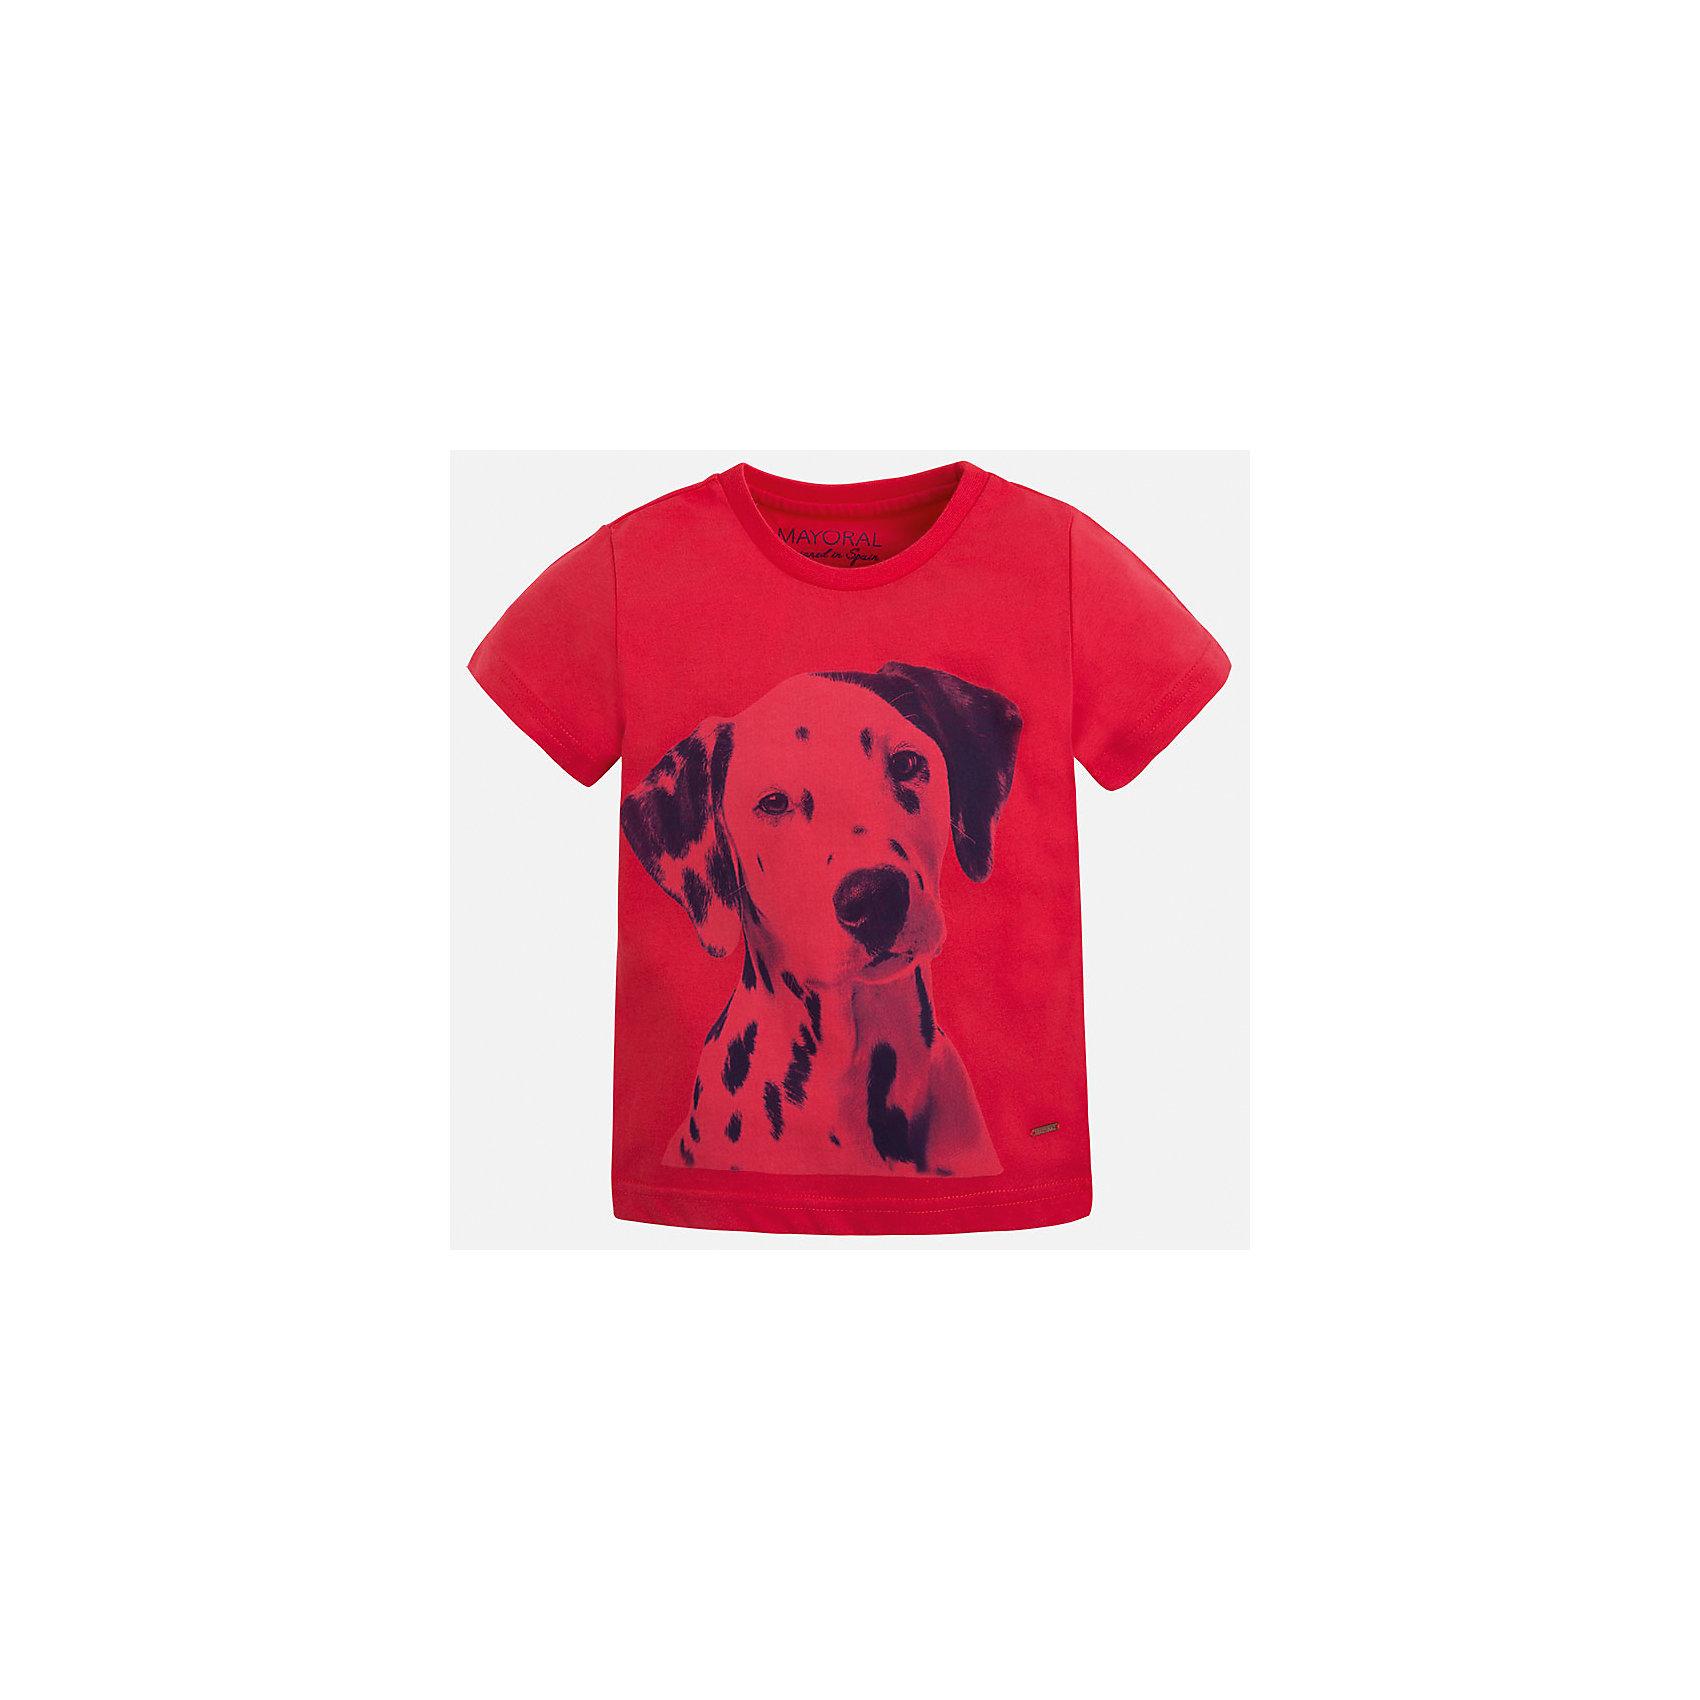 Футболка для мальчика MayoralФутболки, поло и топы<br>Характеристики товара:<br><br>• цвет: красный<br>• состав: 100% хлопок<br>• круглый горловой вырез<br>• декорирована принтом<br>• короткие рукава<br>• отделка горловины<br>• страна бренда: Испания<br><br>Модная удобная футболка с принтом поможет разнообразить гардероб мальчика. Она отлично сочетается с брюками, шортами, джинсами. Универсальный крой и цвет позволяет подобрать к вещи низ разных расцветок. Практичное и стильное изделие! Хорошо смотрится и комфортно сидит на детях. В составе материала - только натуральный хлопок, гипоаллергенный, приятный на ощупь, дышащий. <br><br>Одежда, обувь и аксессуары от испанского бренда Mayoral полюбились детям и взрослым по всему миру. Модели этой марки - стильные и удобные. Для их производства используются только безопасные, качественные материалы и фурнитура. Порадуйте ребенка модными и красивыми вещами от Mayoral! <br><br>Футболку для мальчика от испанского бренда Mayoral (Майорал) можно купить в нашем интернет-магазине.<br><br>Ширина мм: 199<br>Глубина мм: 10<br>Высота мм: 161<br>Вес г: 151<br>Цвет: красный<br>Возраст от месяцев: 18<br>Возраст до месяцев: 24<br>Пол: Мужской<br>Возраст: Детский<br>Размер: 92,134,128,122,116,110,104,98<br>SKU: 5279963